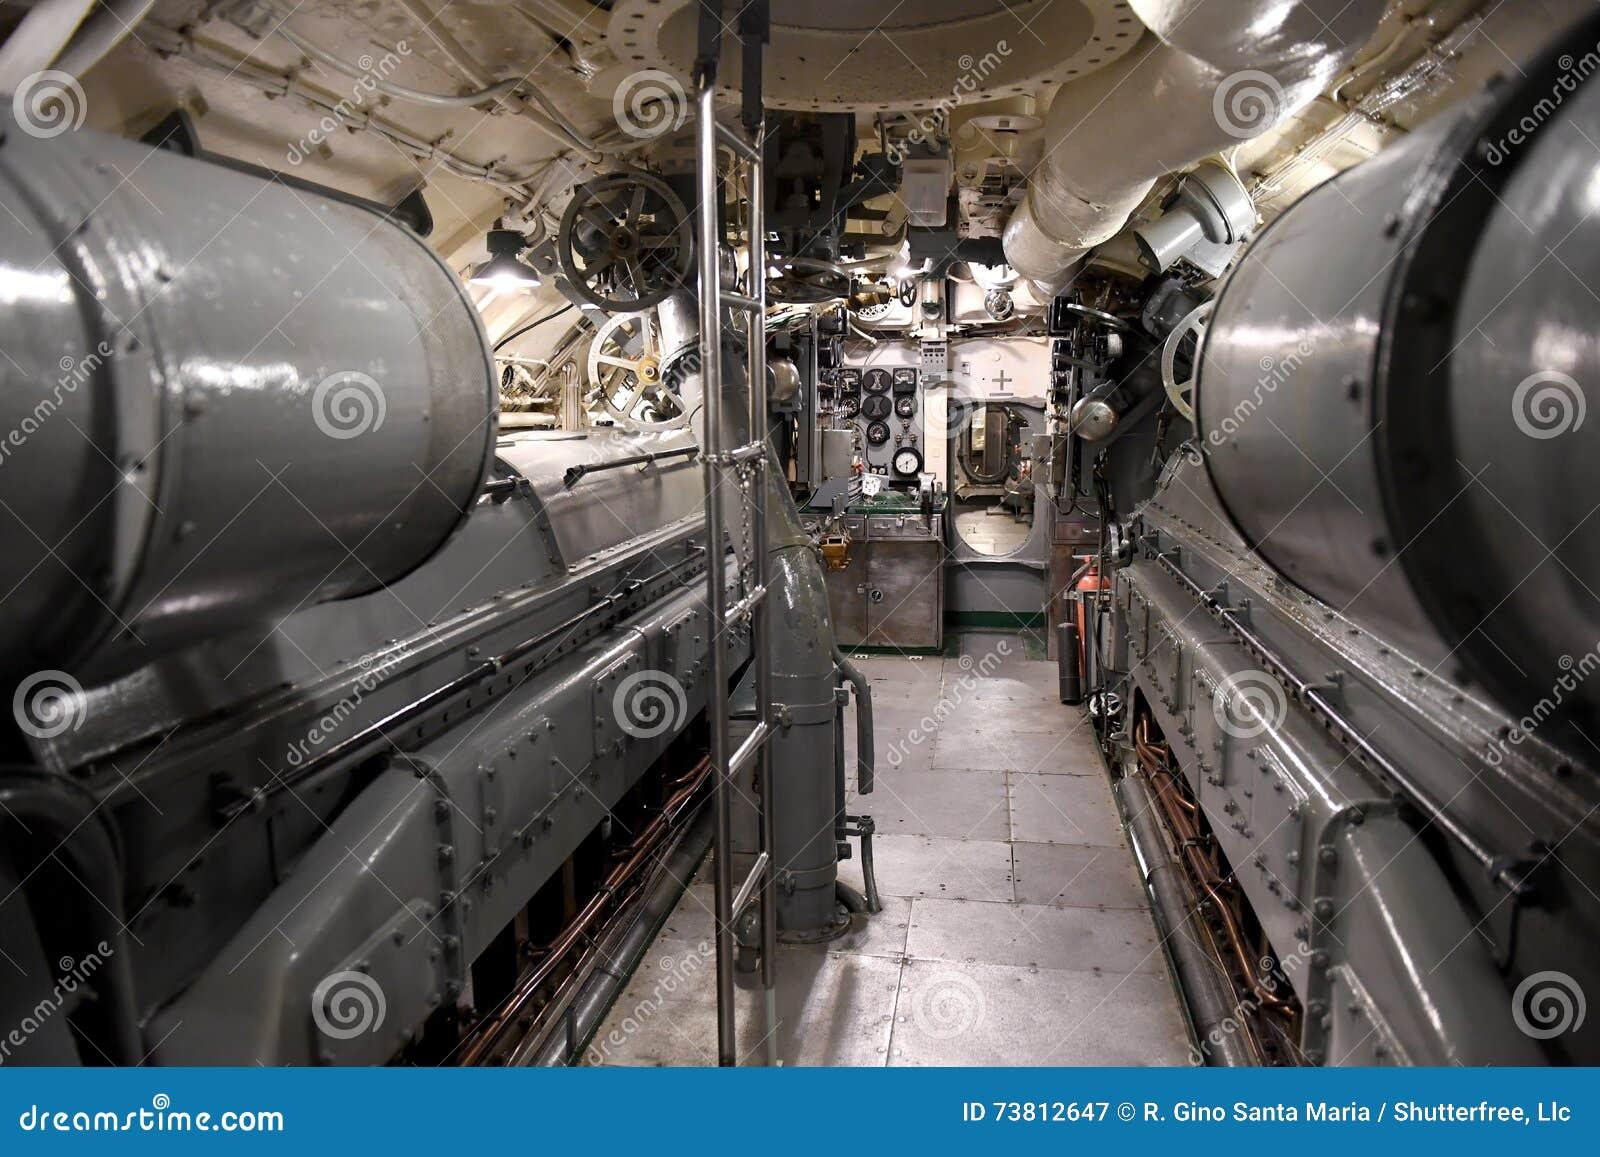 Marina de guerra de Estados Unidos USS submarino Silvesides